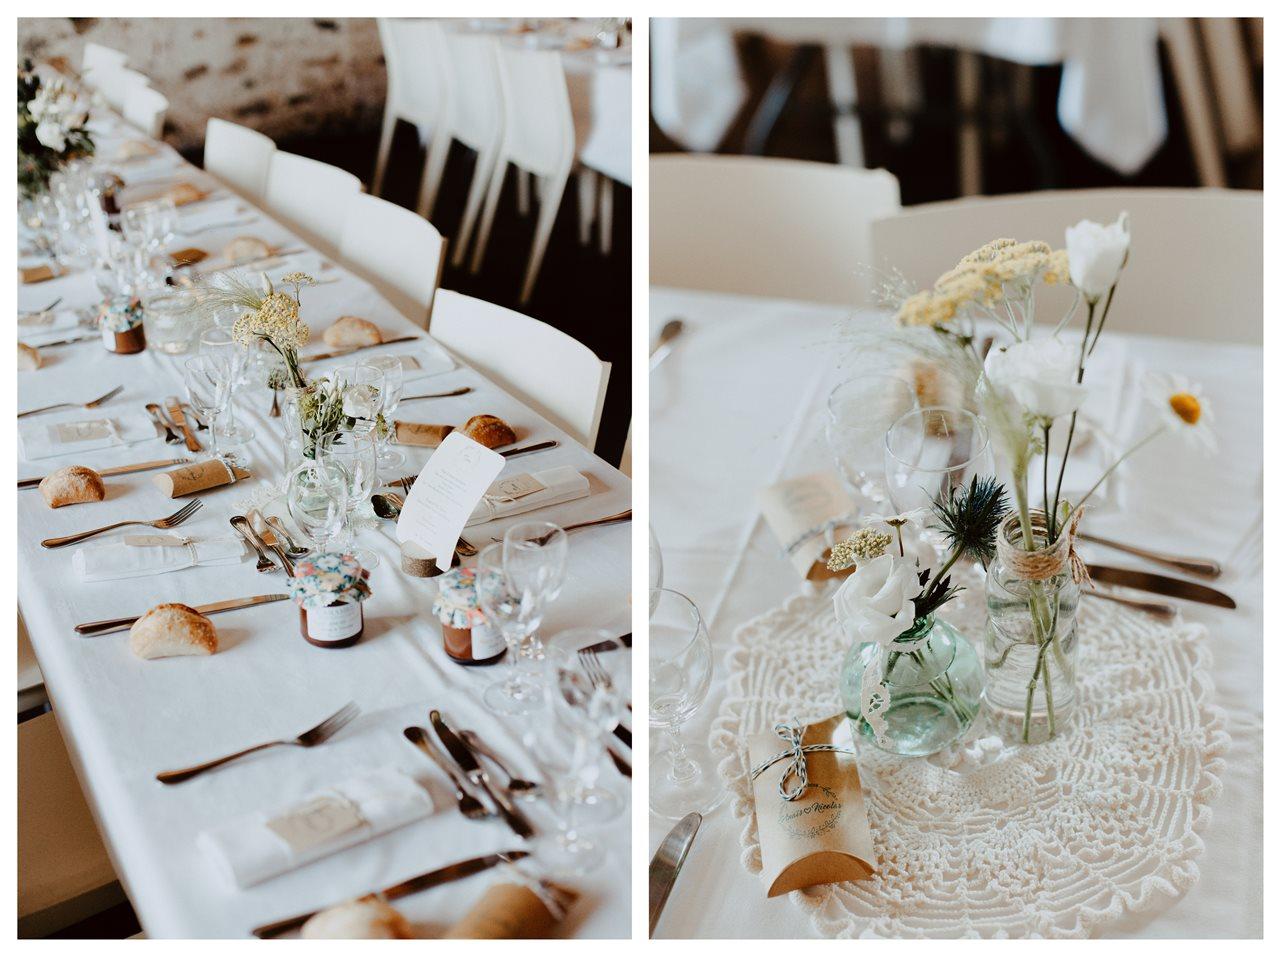 Mariage bohème guermiton table invités et fleurs champêtres